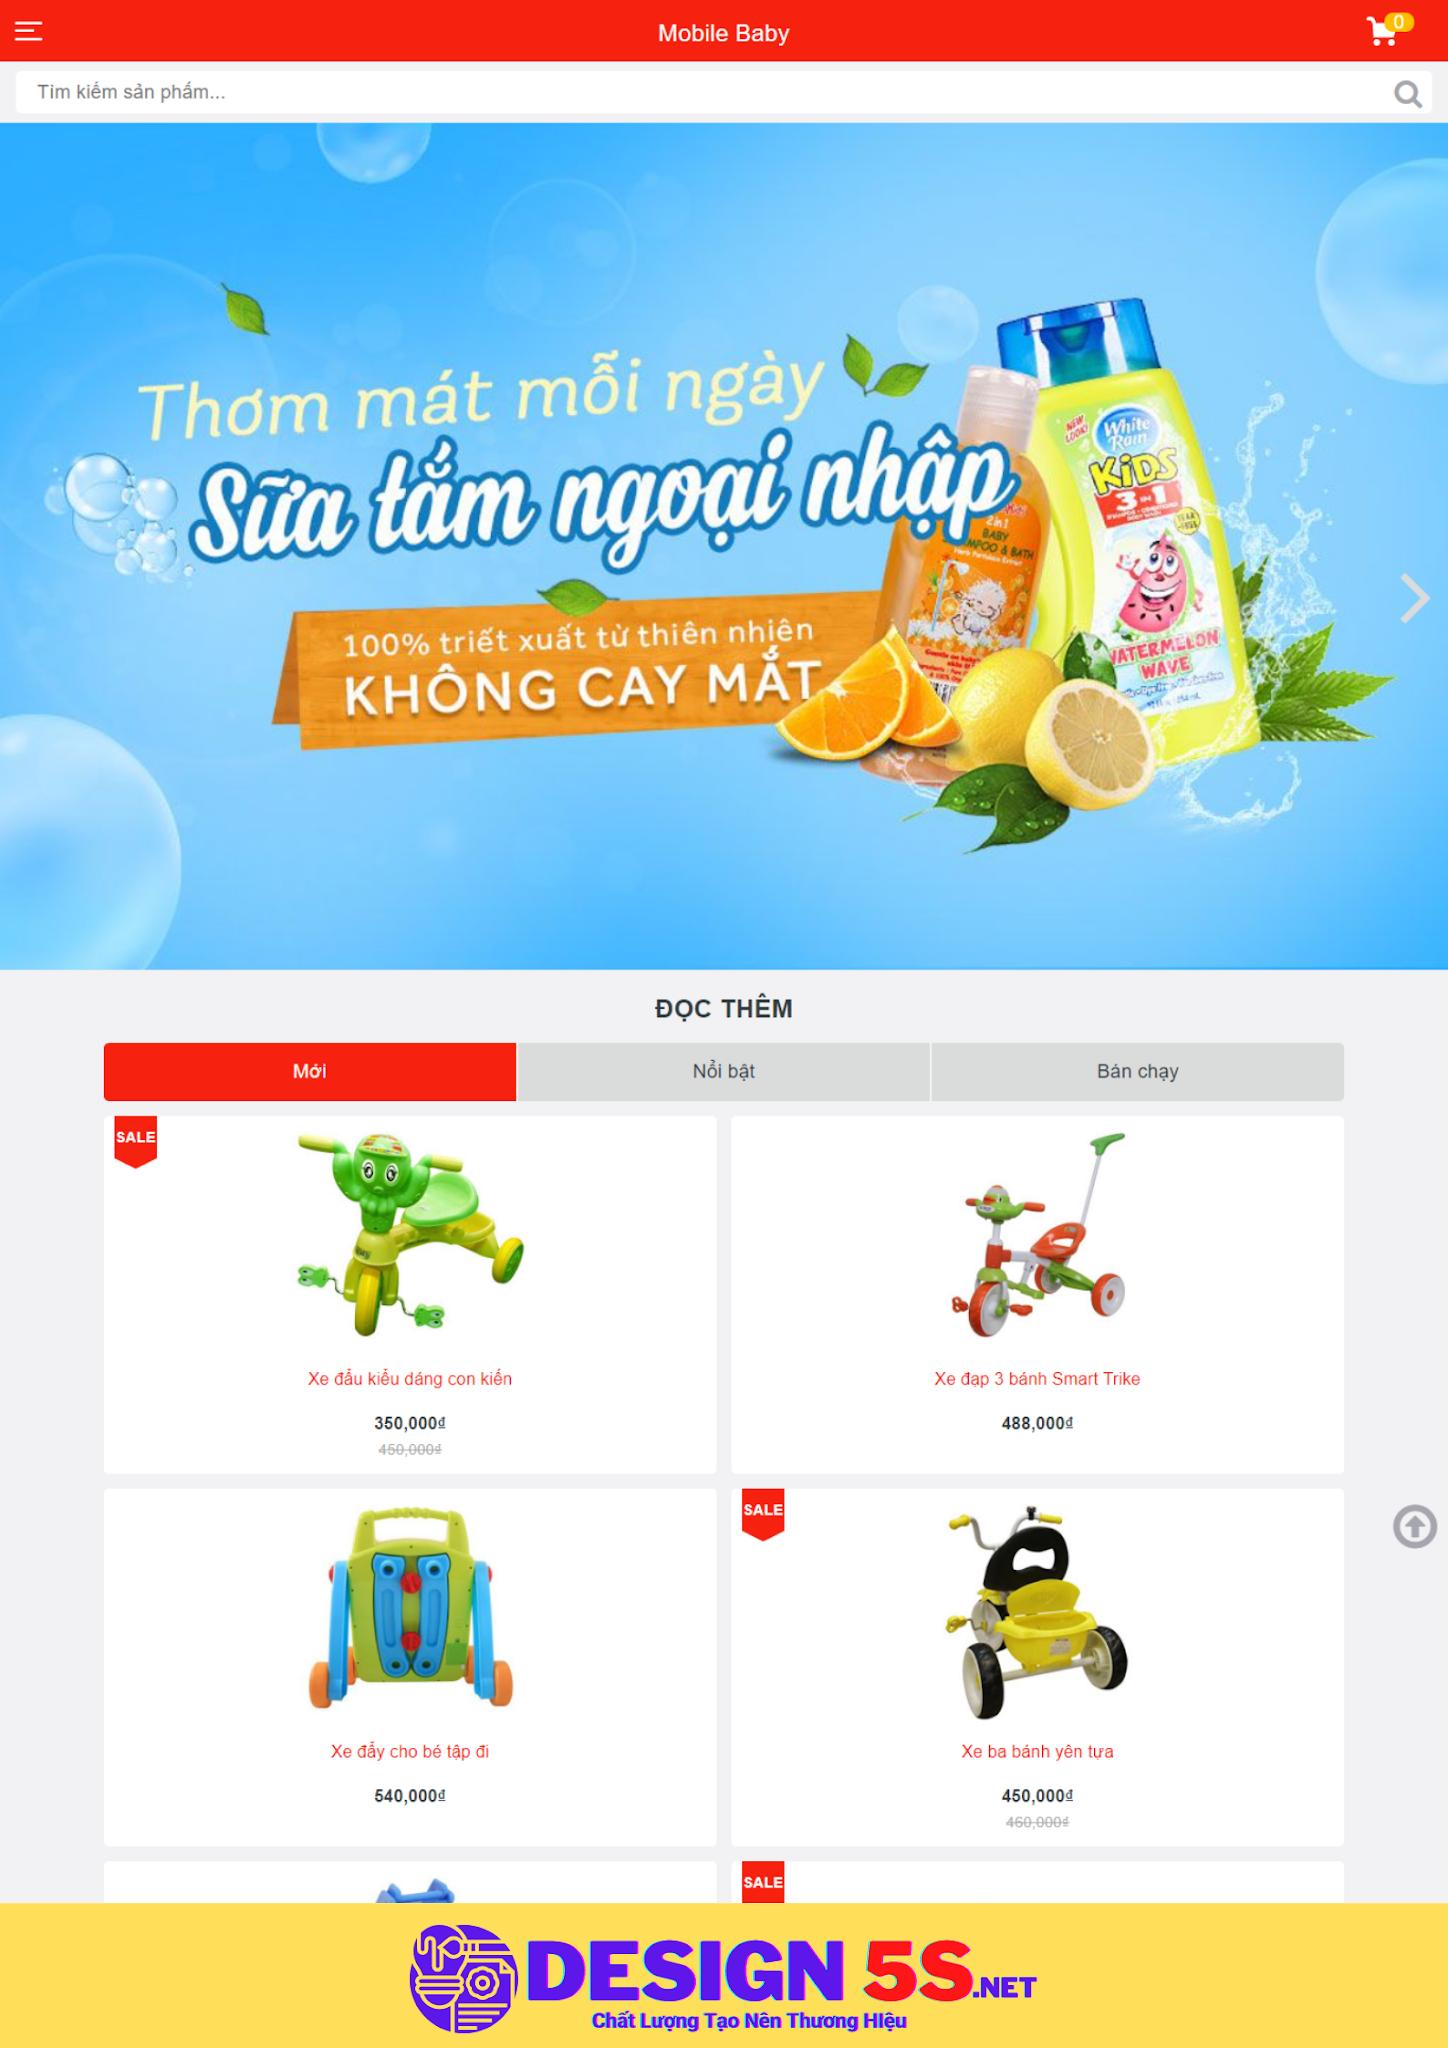 Theme blogspot bán đồ cho bé, mobile baby VSM26